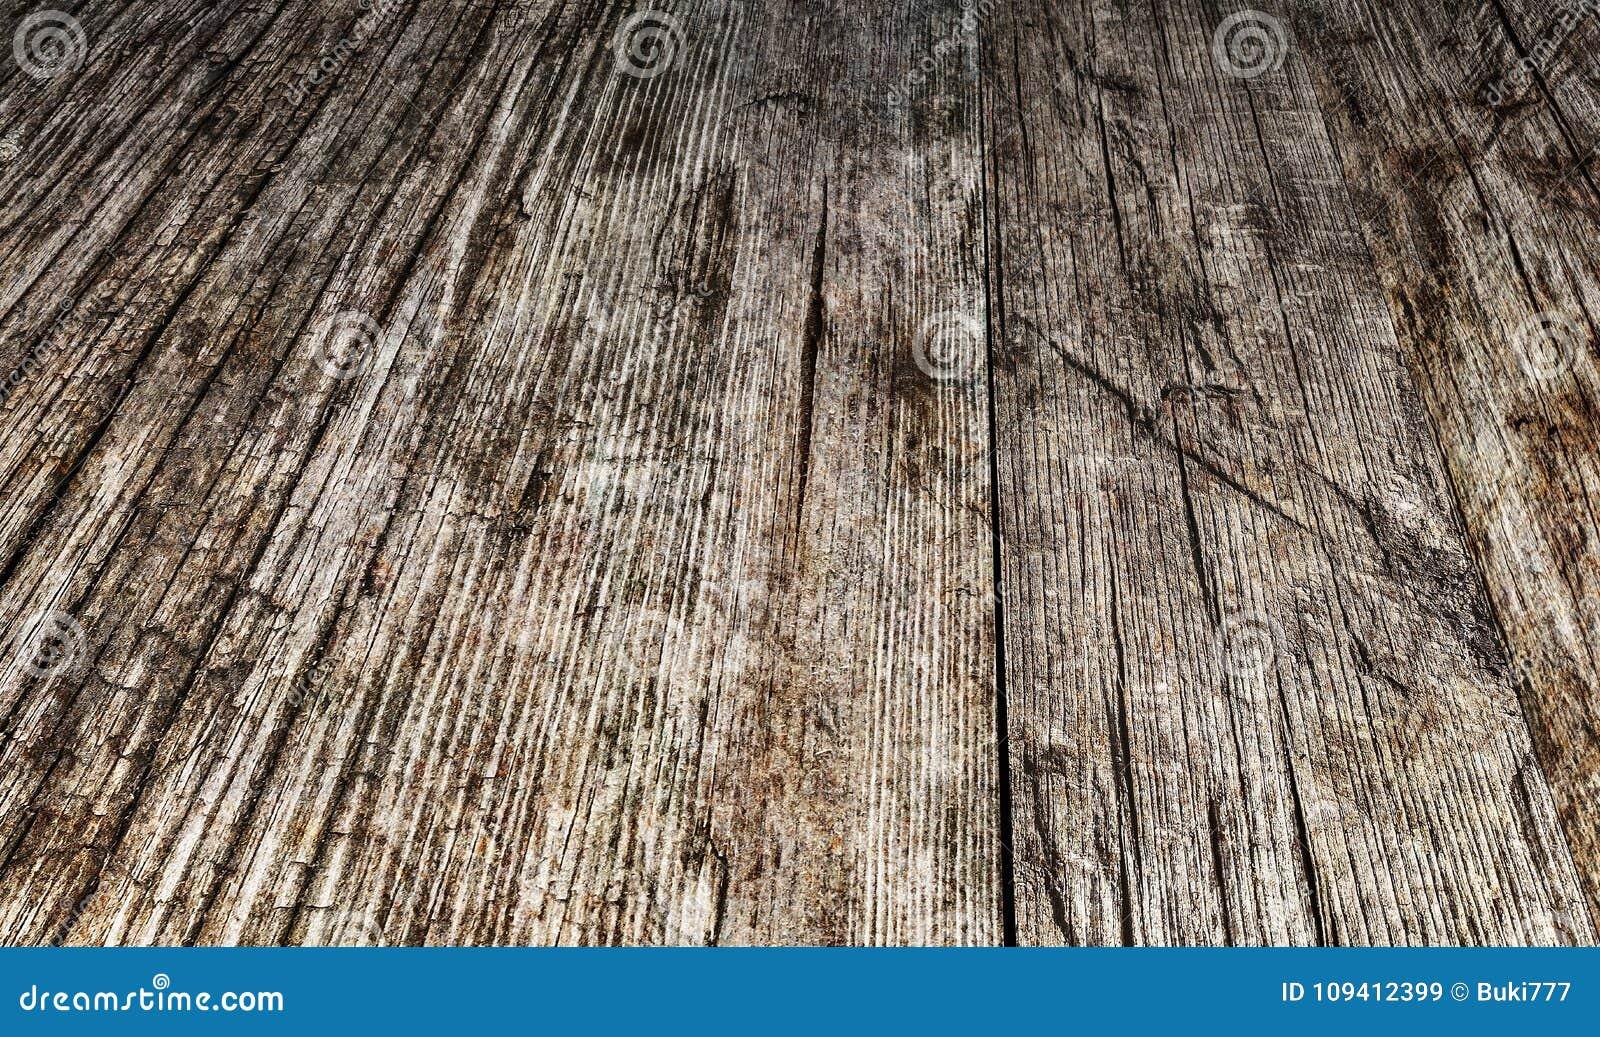 Madera de pino anudada agrietada estropeada resistida vieja de alta resolución